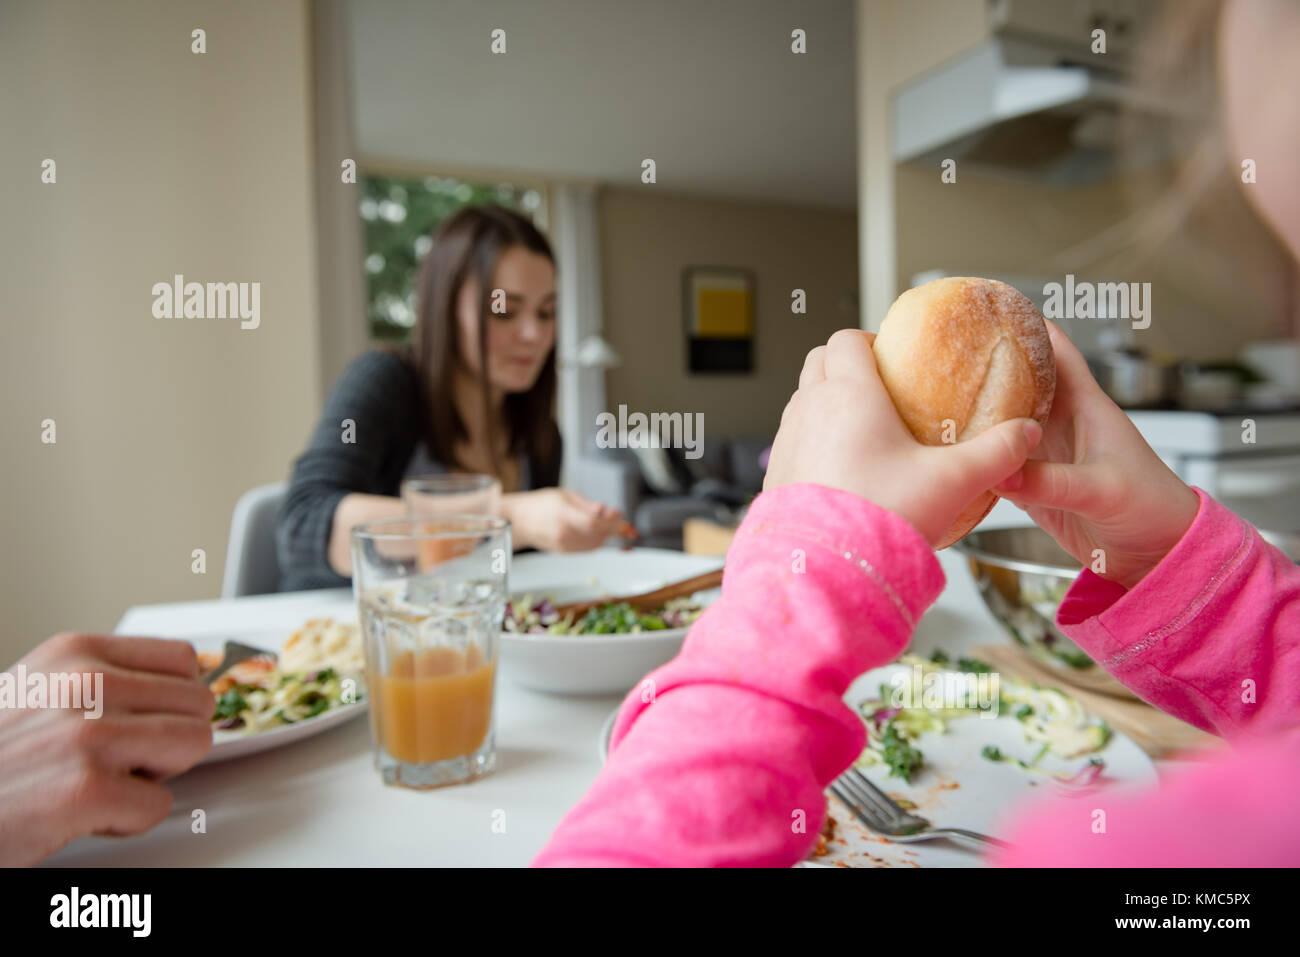 Family having breakfast in kitchen - Stock Image